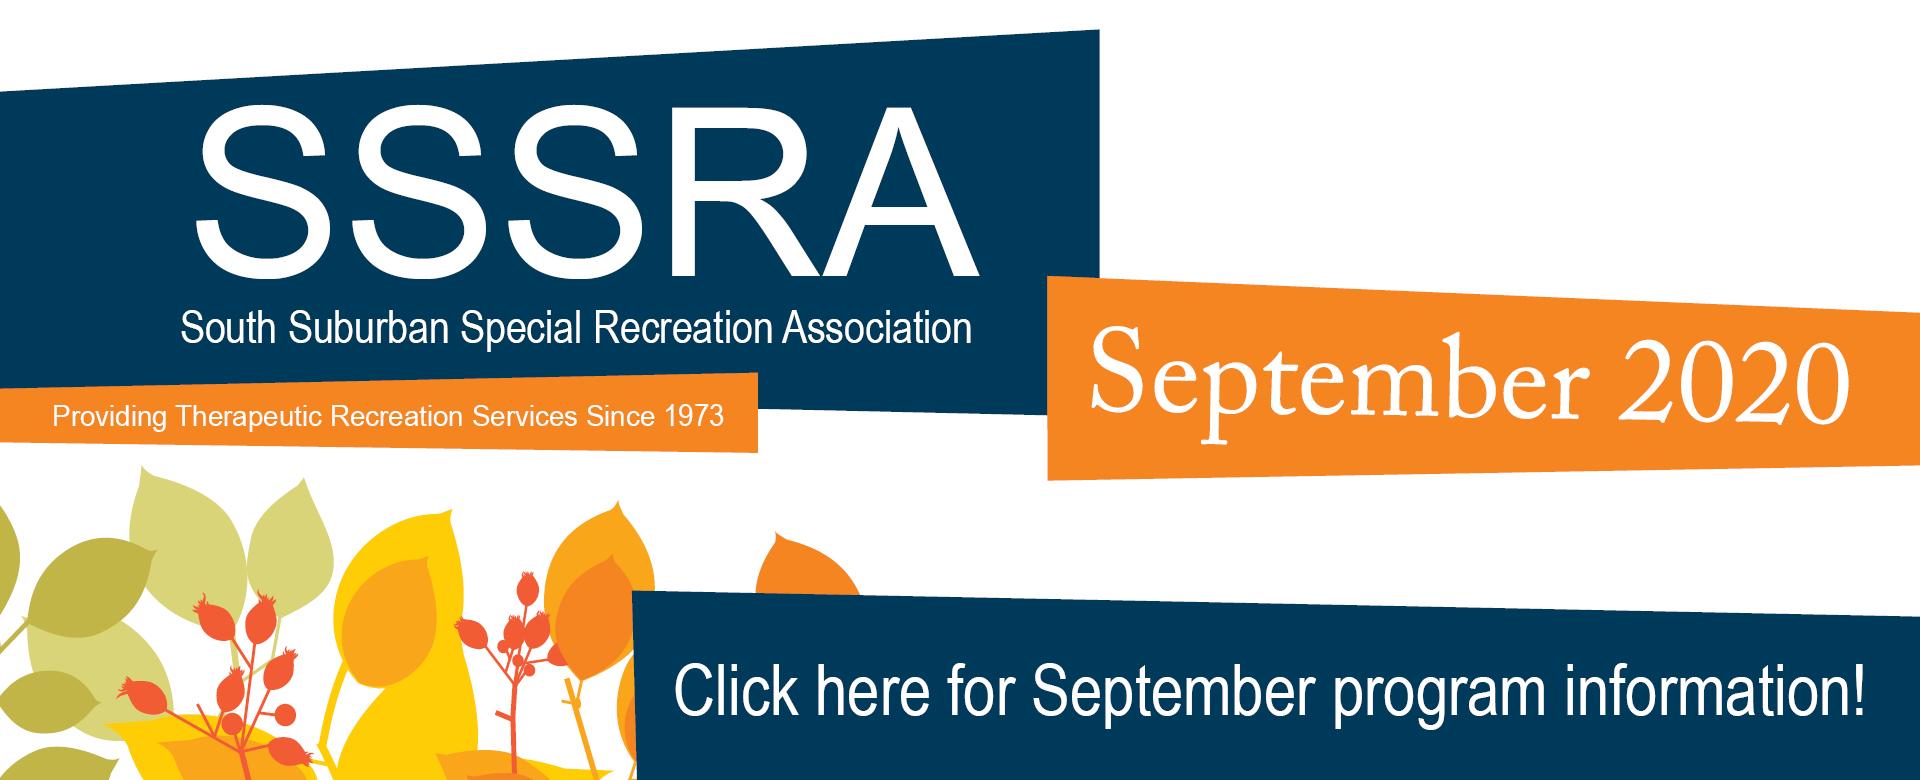 Image link to September 2020 program information